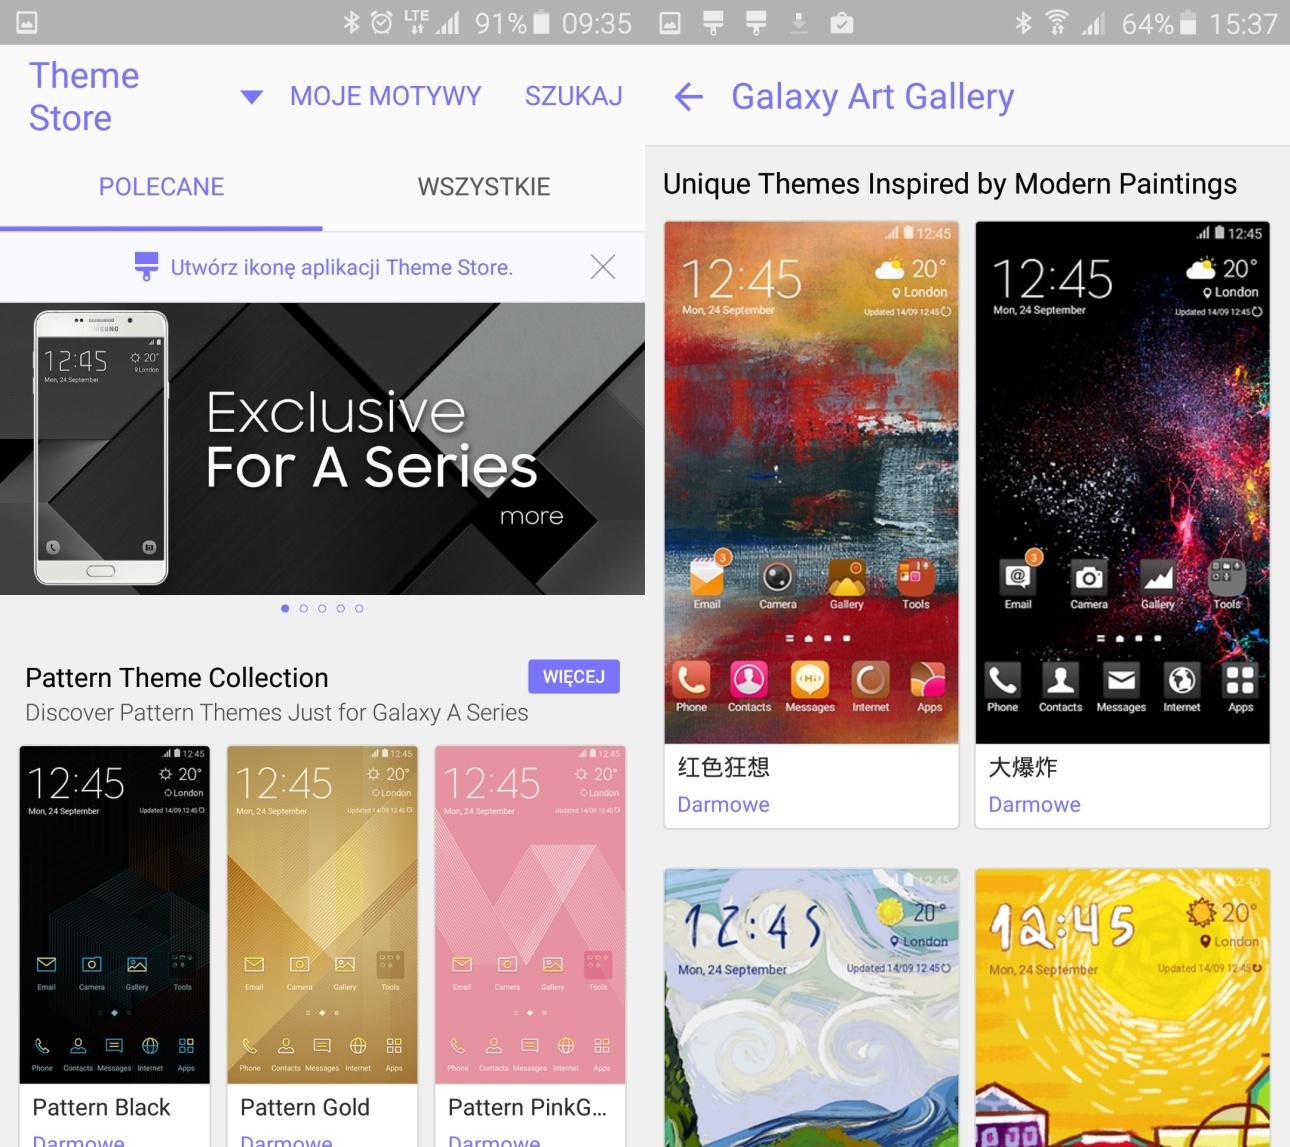 Samsung Galaxy A5 2016 - wybór odpowiedniego motywu może być kłopotliwy... z uwagi na to, jak wiele świetnych opcji przygotował Samsung - 90sekund.pl